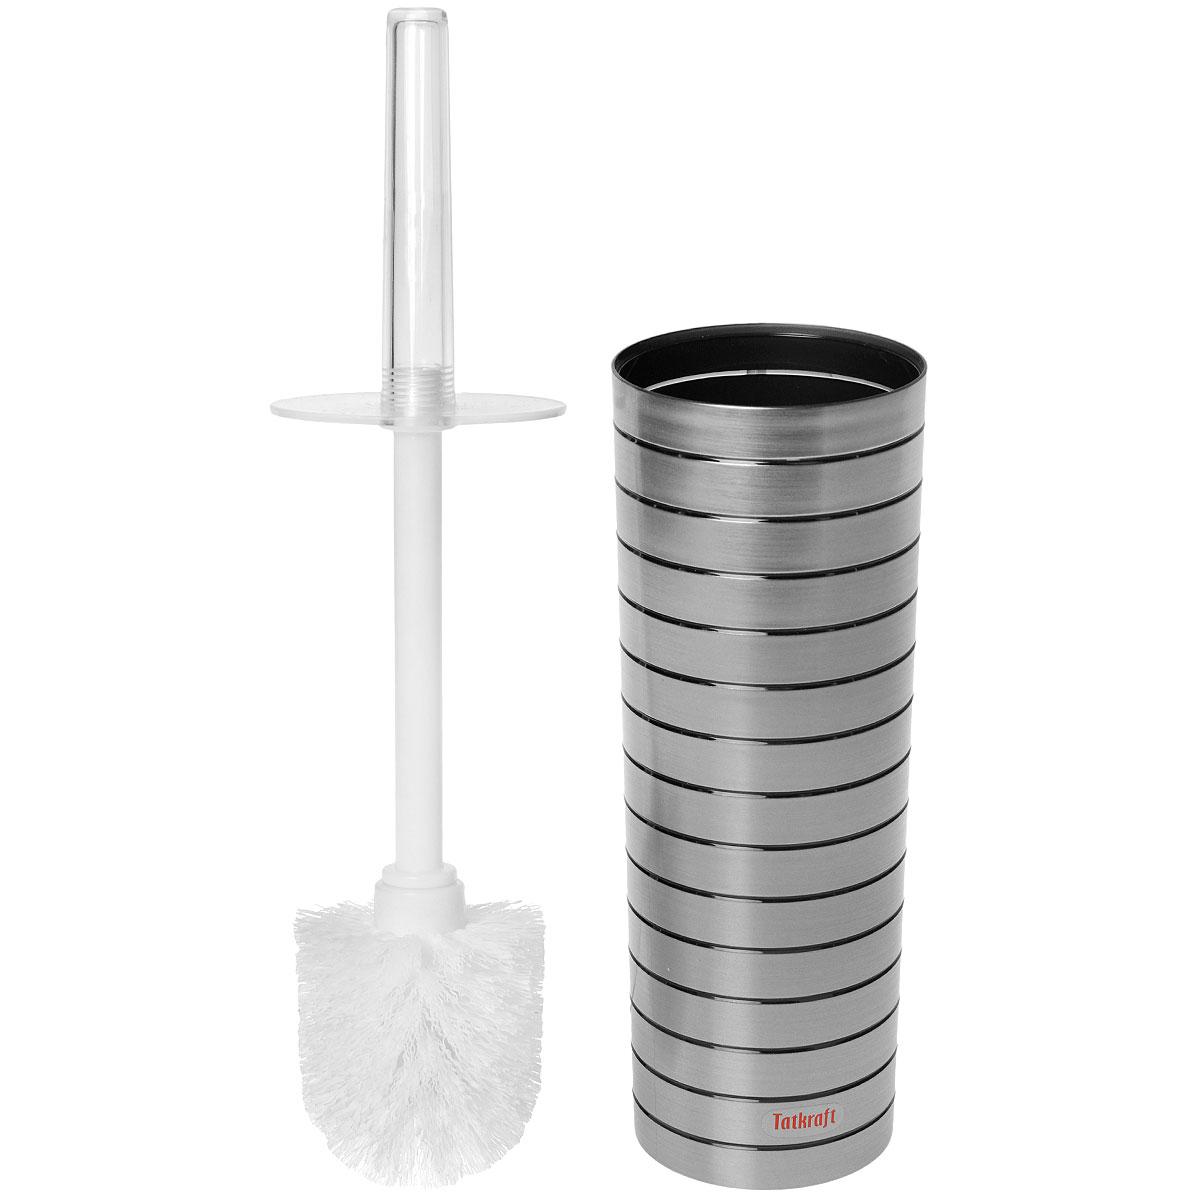 """Гарнитур для туалета Tatkraft """"King Tower"""" включает в себя ершик и подставку. Ершик с жестким ворсом имеет  удобную ручку, которая выполнена из прозрачного акрила. Подставка изготовлена из акрила с серебристыми  вставками. Ершик полностью вставляется в подставку и закрывается крышкой, что обеспечит гигиеничность  использования и облегчит уход.  Ершик отлично чистит поверхность, а грязь с него легко смывается водой.    Длина ершика: 37 см.  Длина ворса: 2,5 см.  Высота подставки: 26 см.  Диаметр подставки: 9,5 см."""